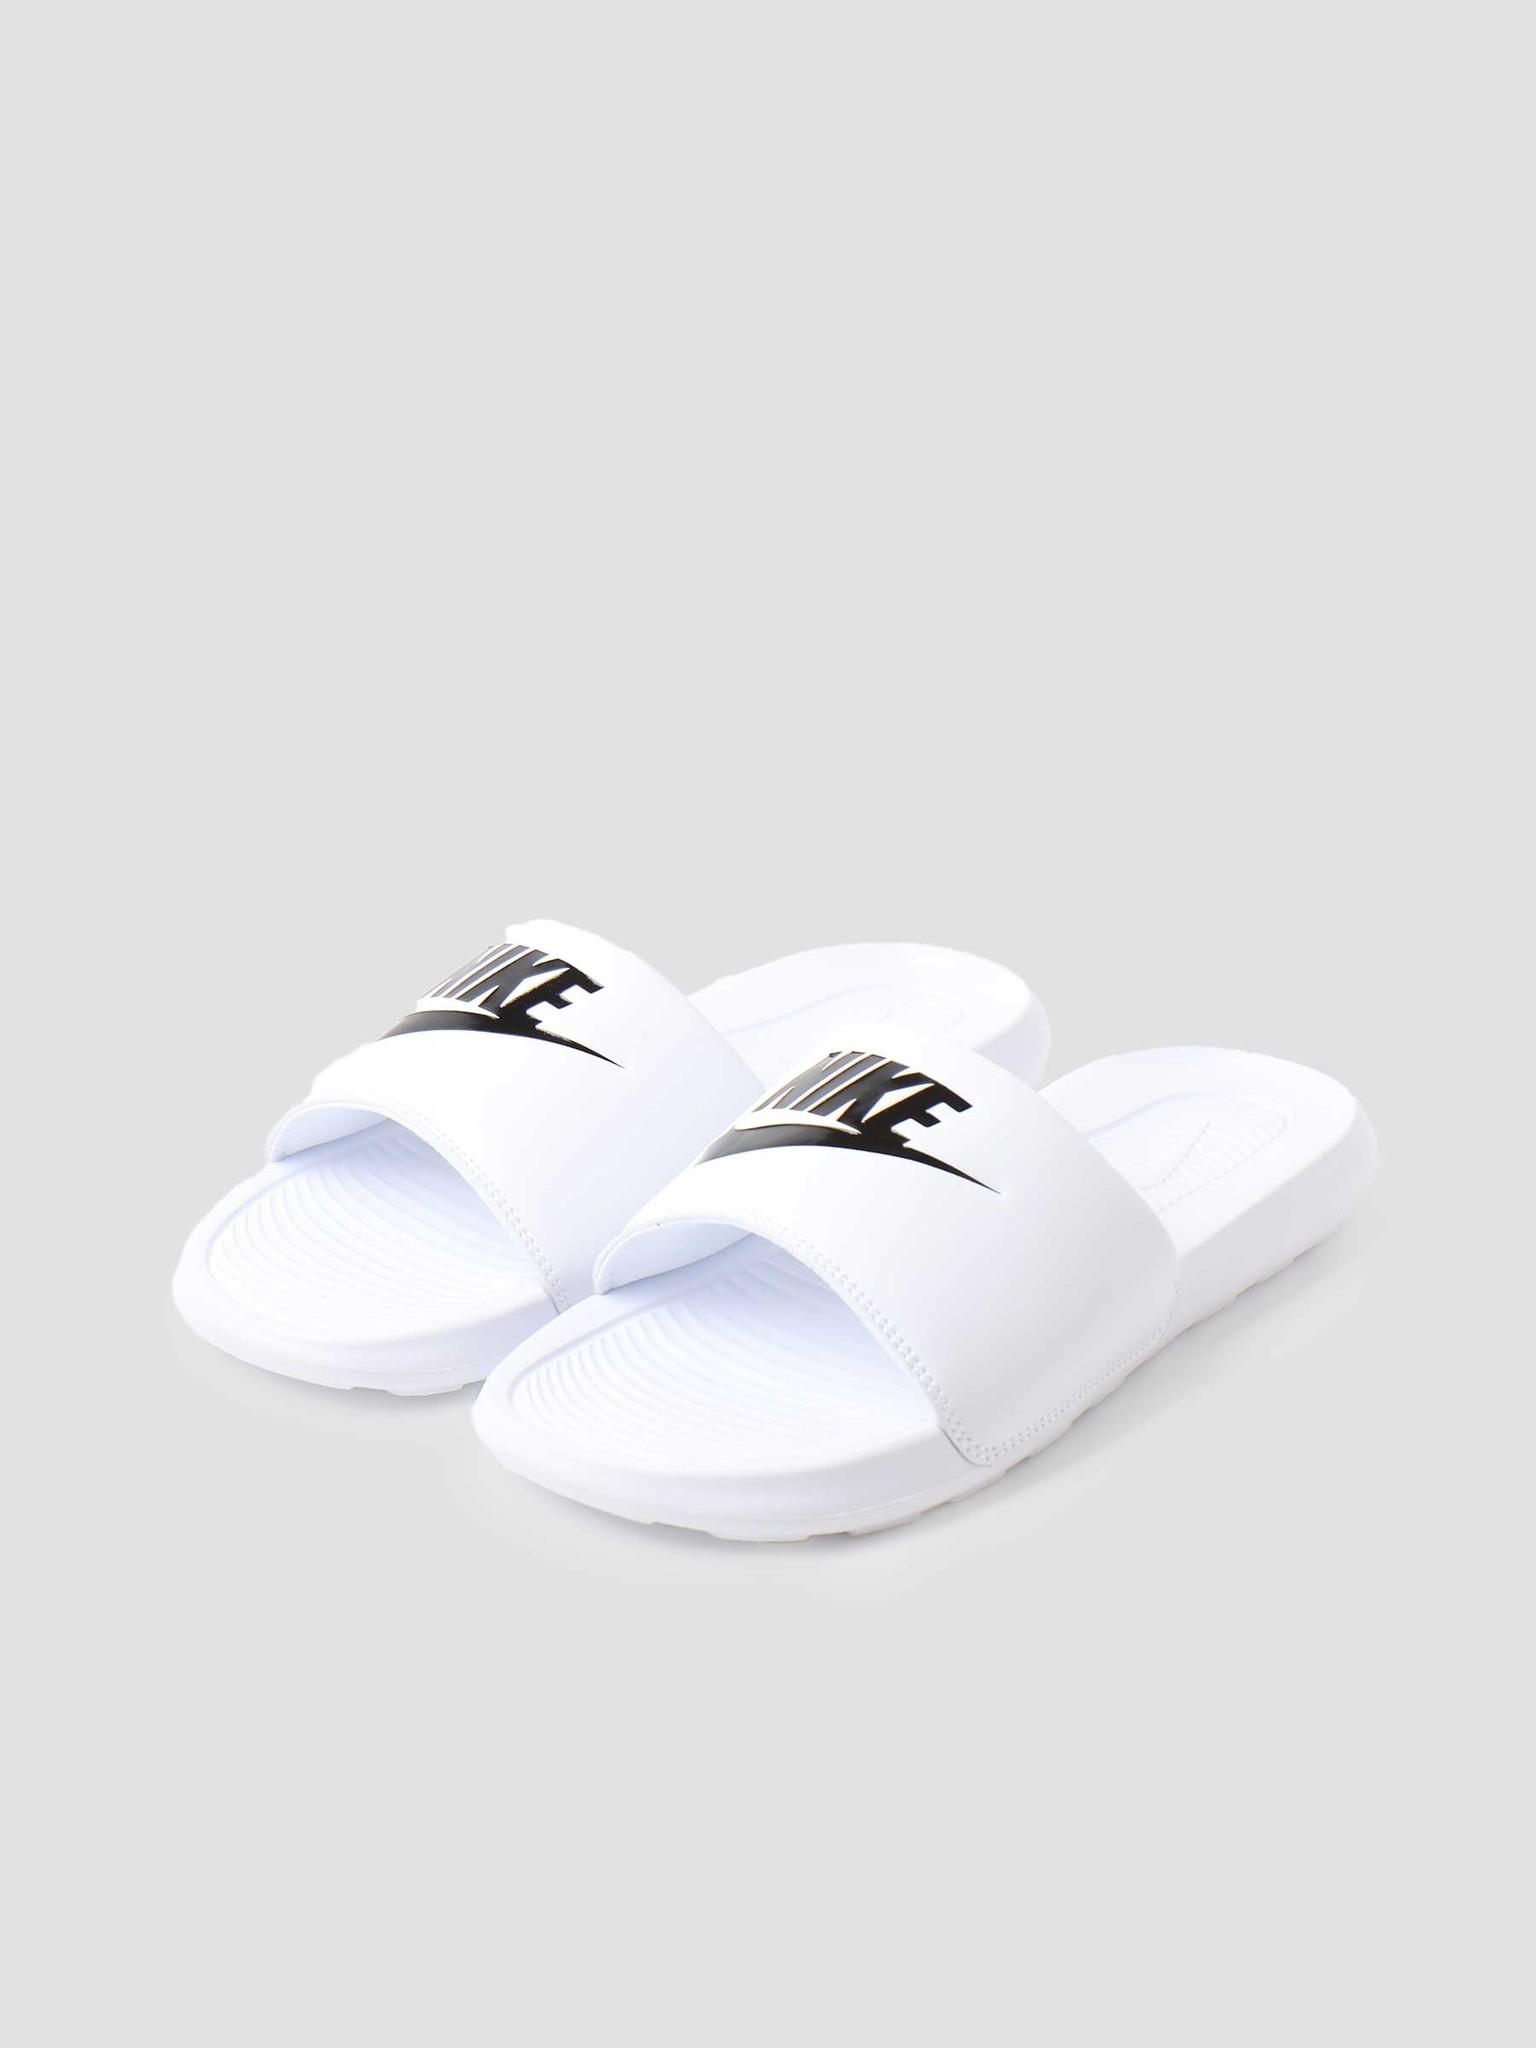 Nike Nike Nike Victori One Slide White Black White CN9675-100